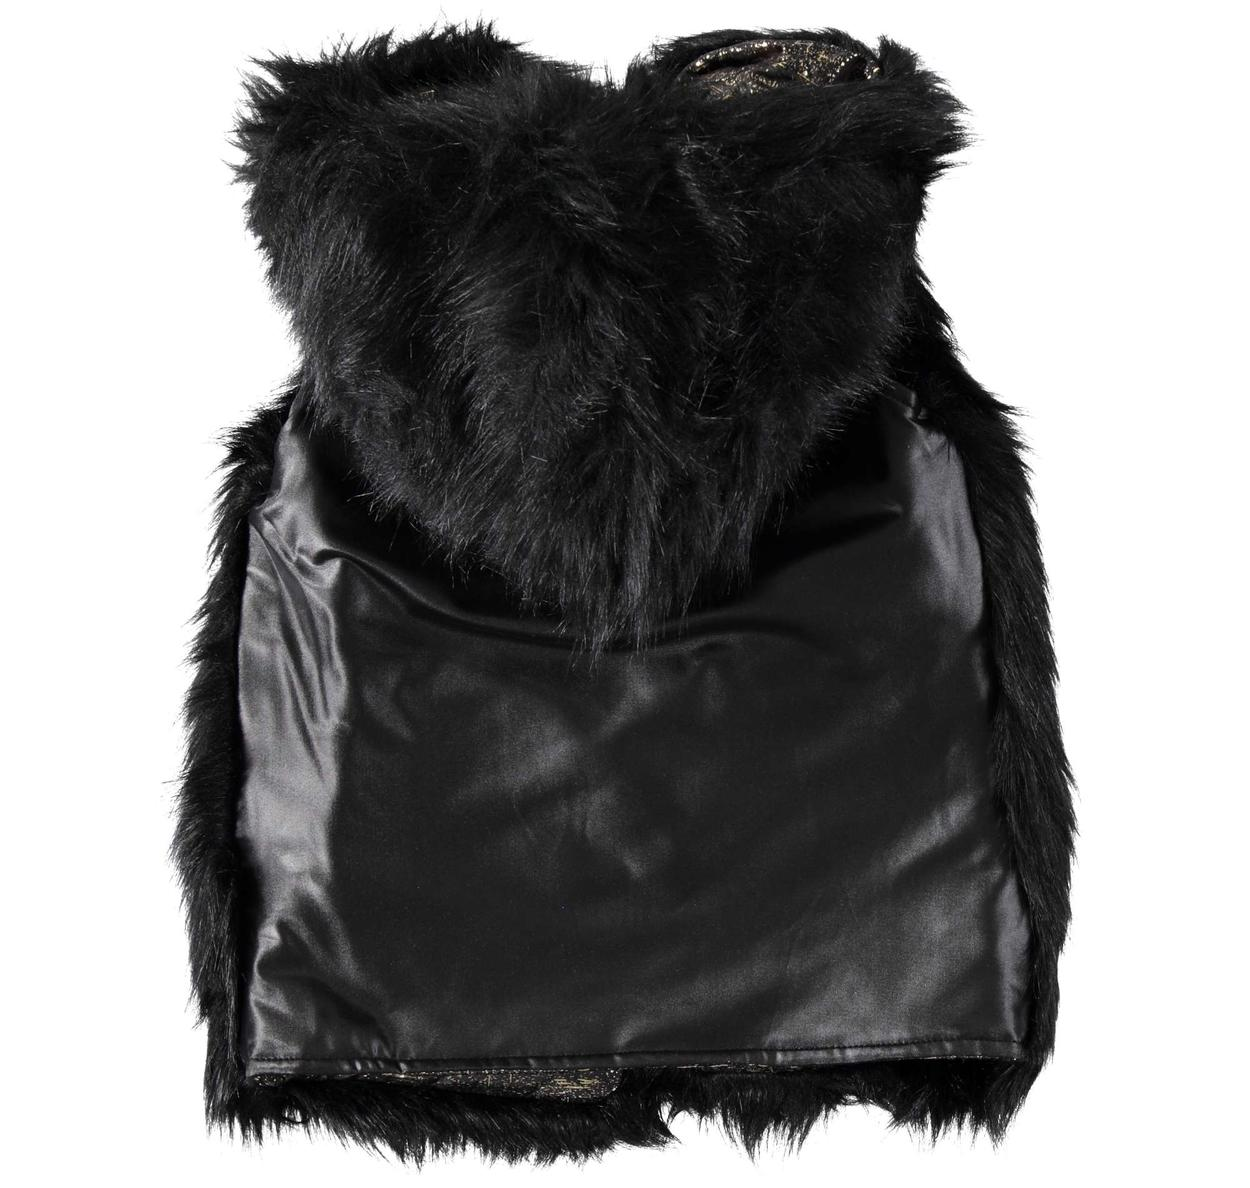 Gilet in eco pelliccia con spalle in eco pelle per bambina da 6 a 16 anni  Sarabanda. PANNA-0112. NERO-0658 back. 5a52b61c6ea